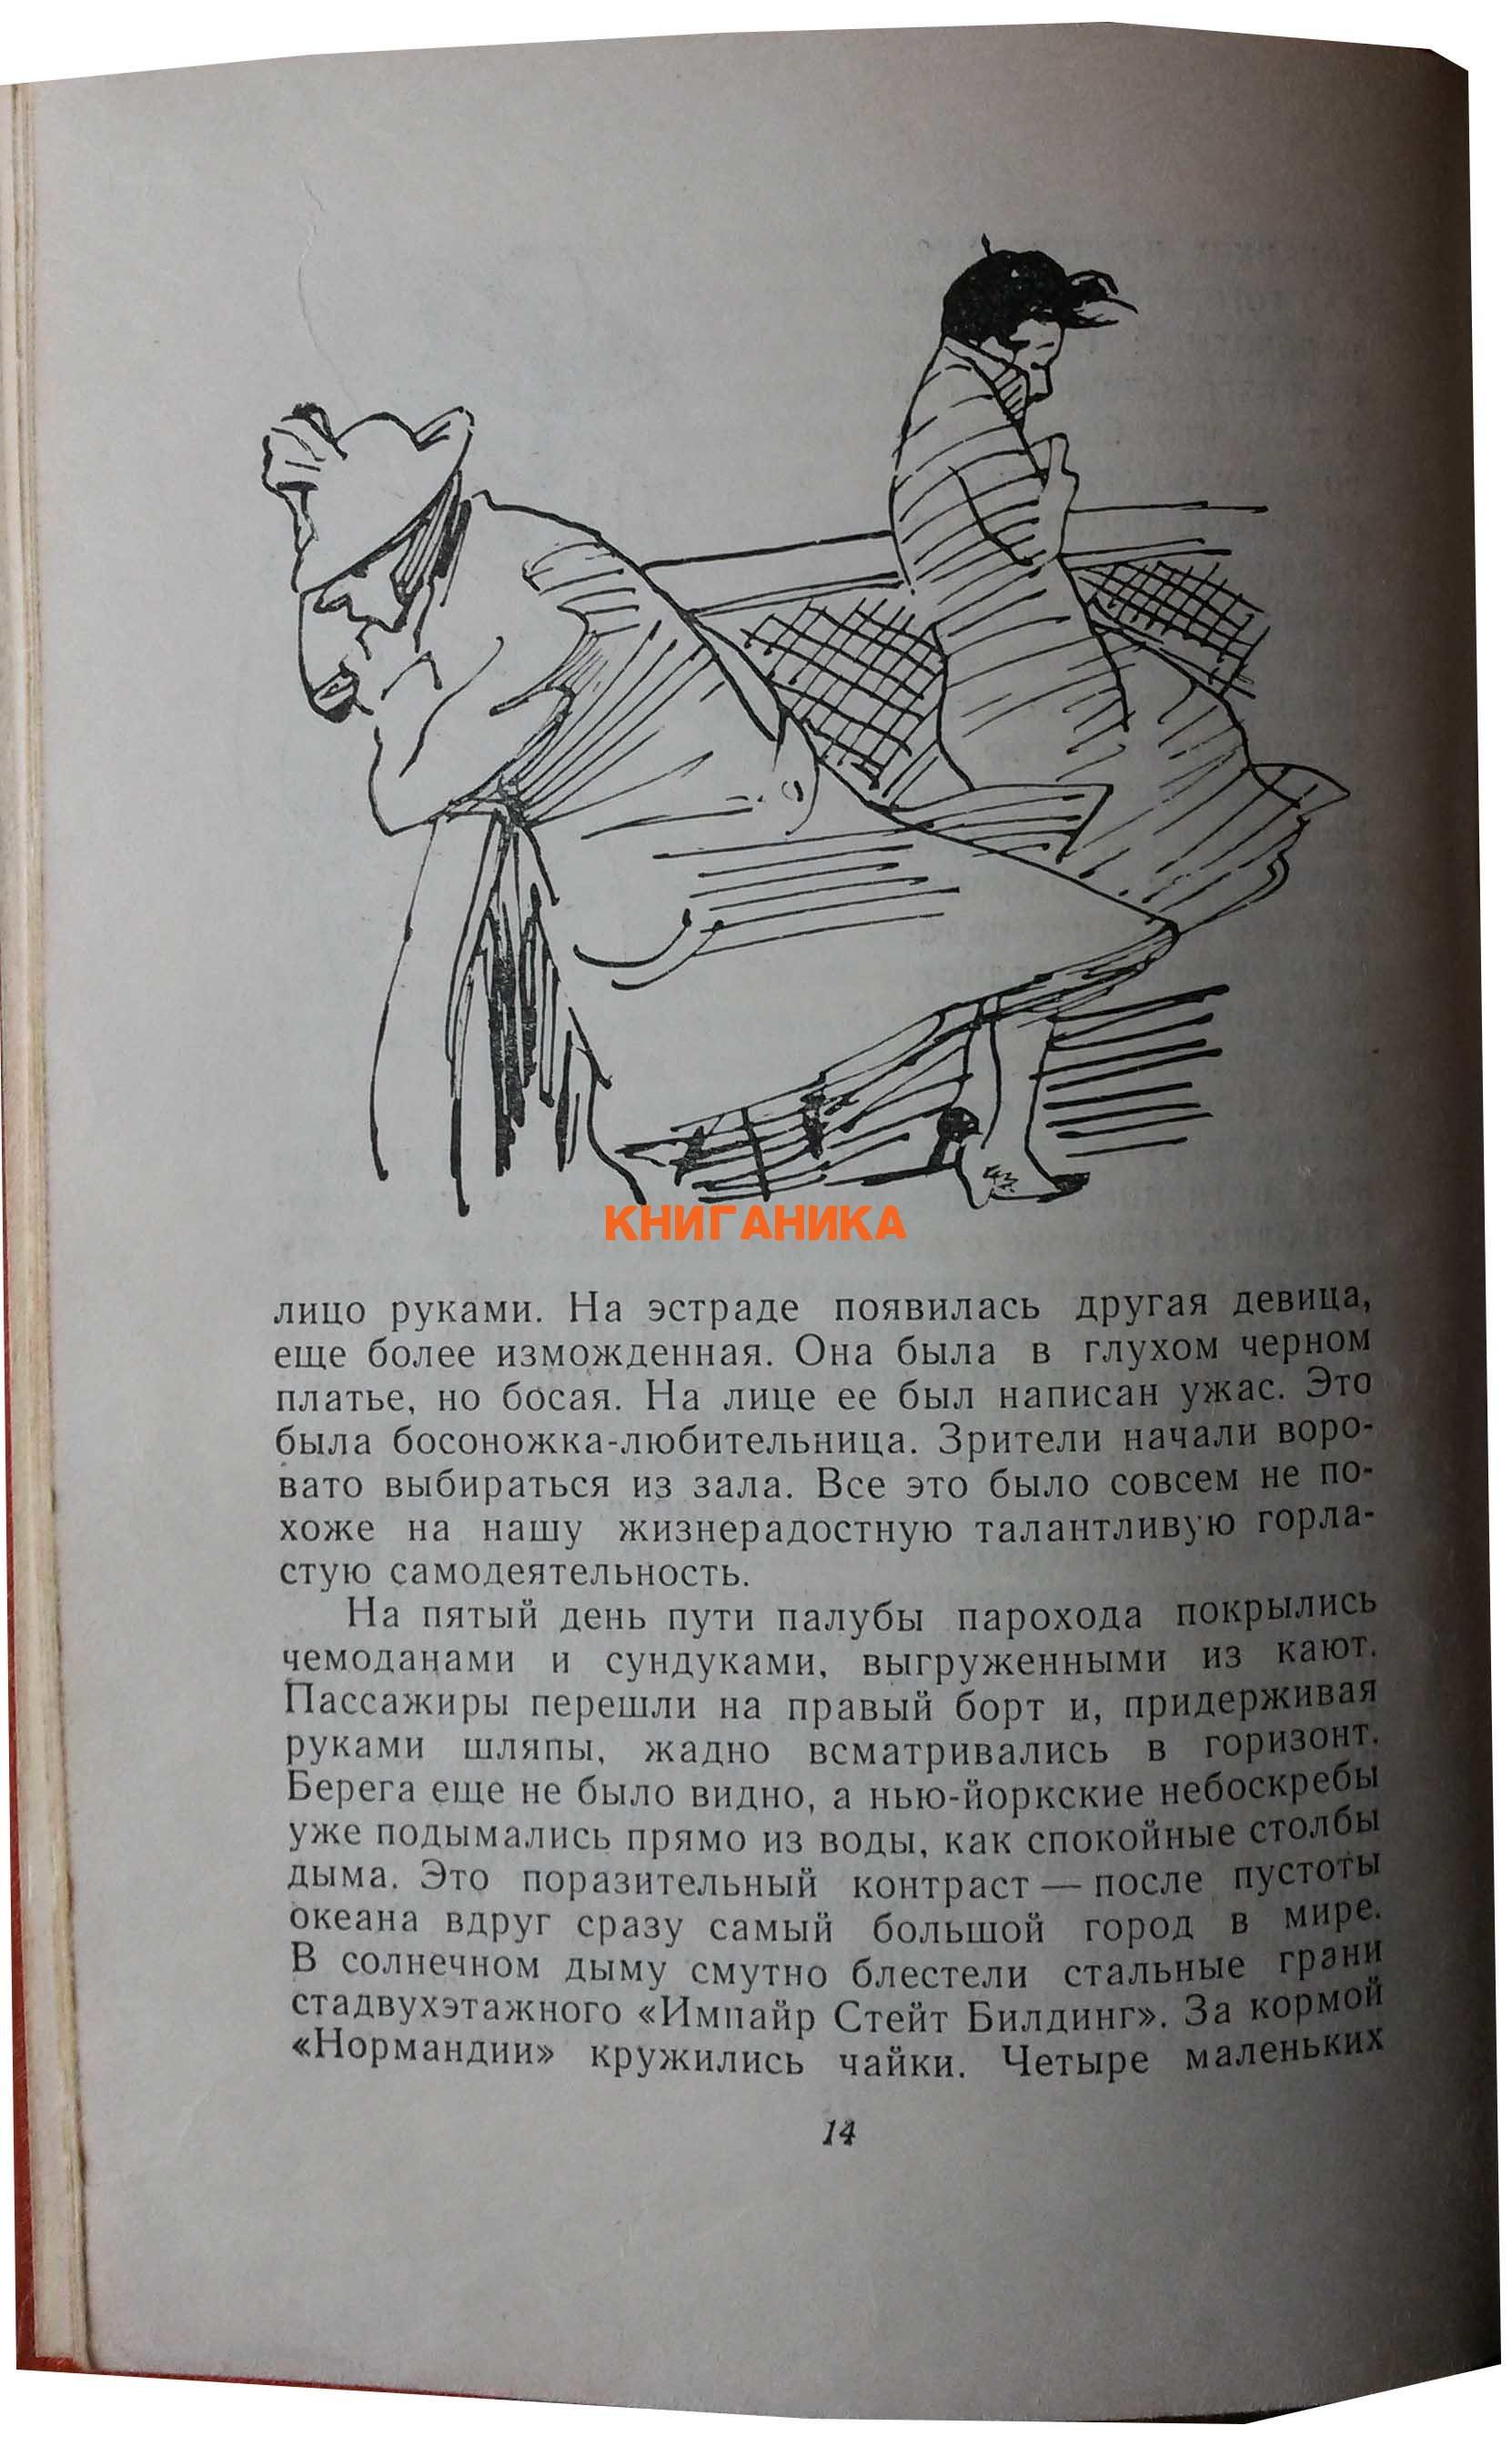 Ильф и Петров. Собрание сочинений. Фото илл. 2